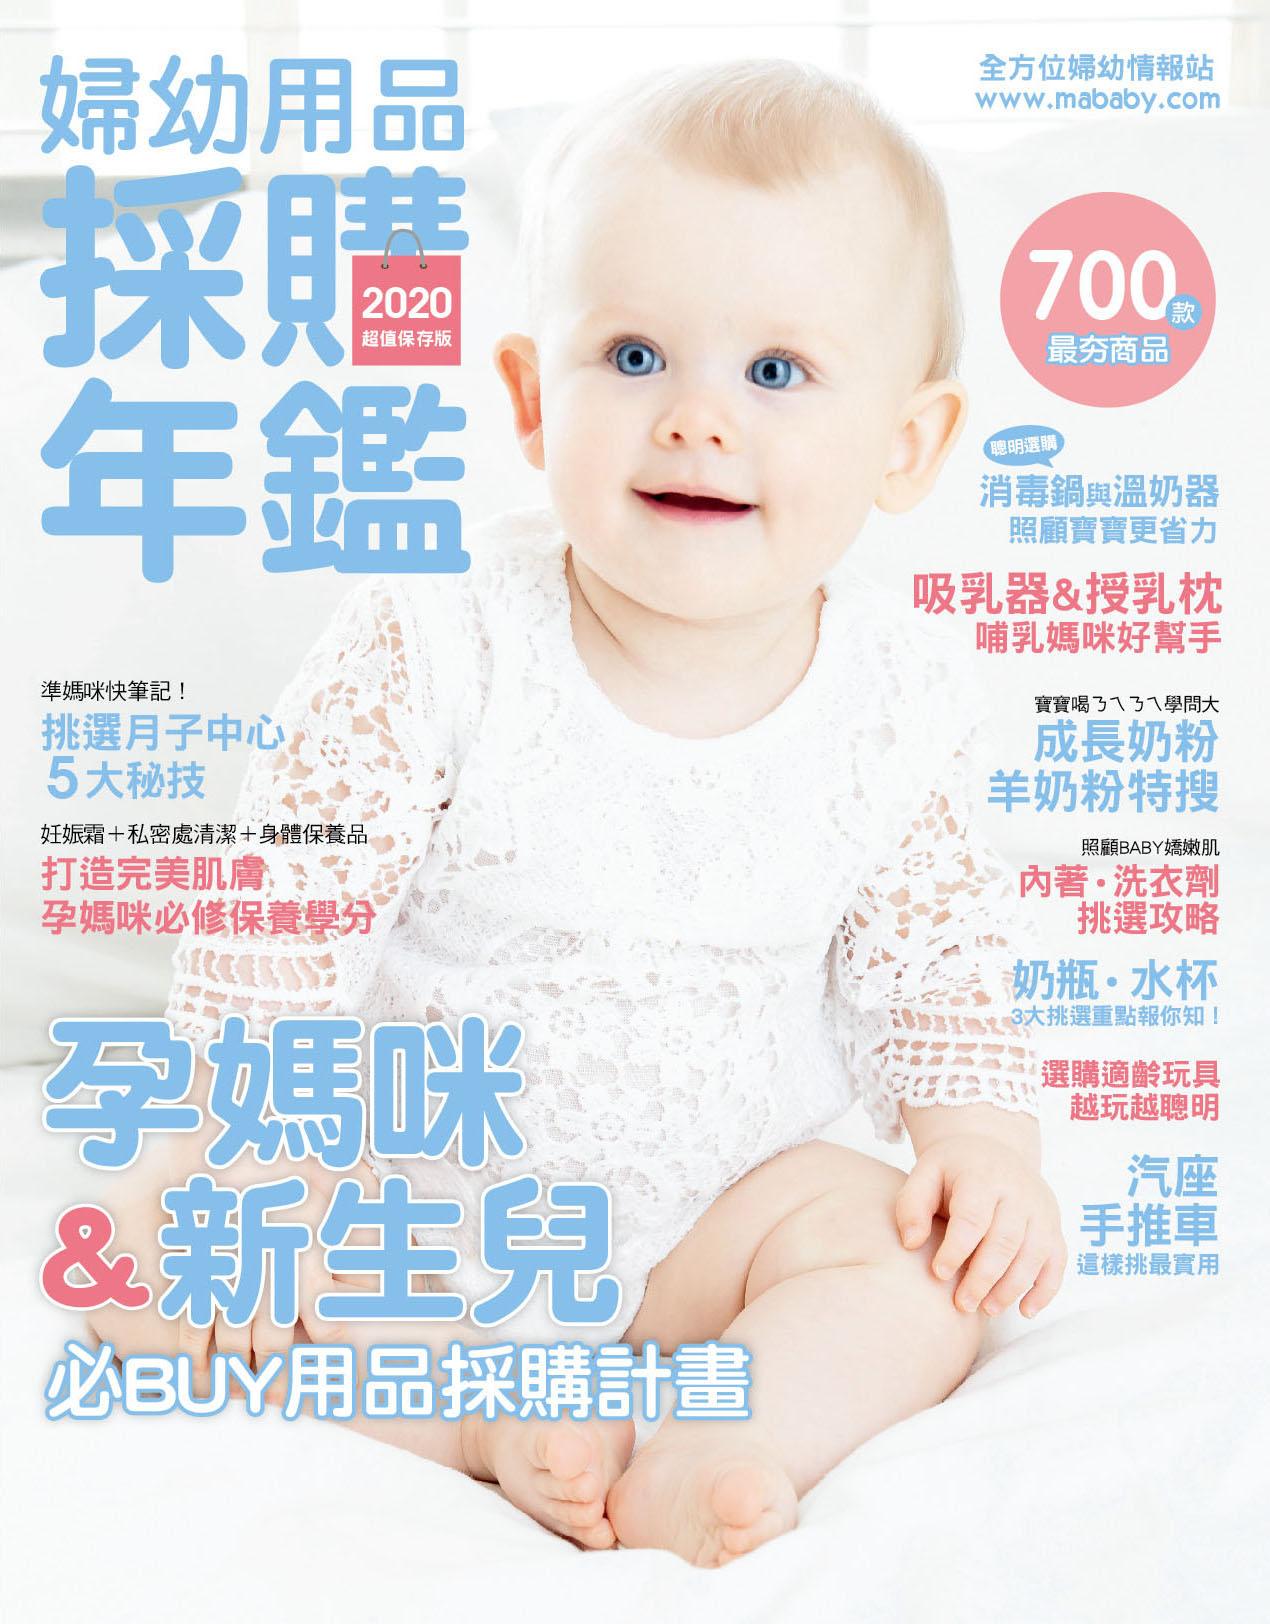 嬰兒與母親一年12期+青林5G智能學習寶第一輯:啟蒙版 + 進階版 + 強化版